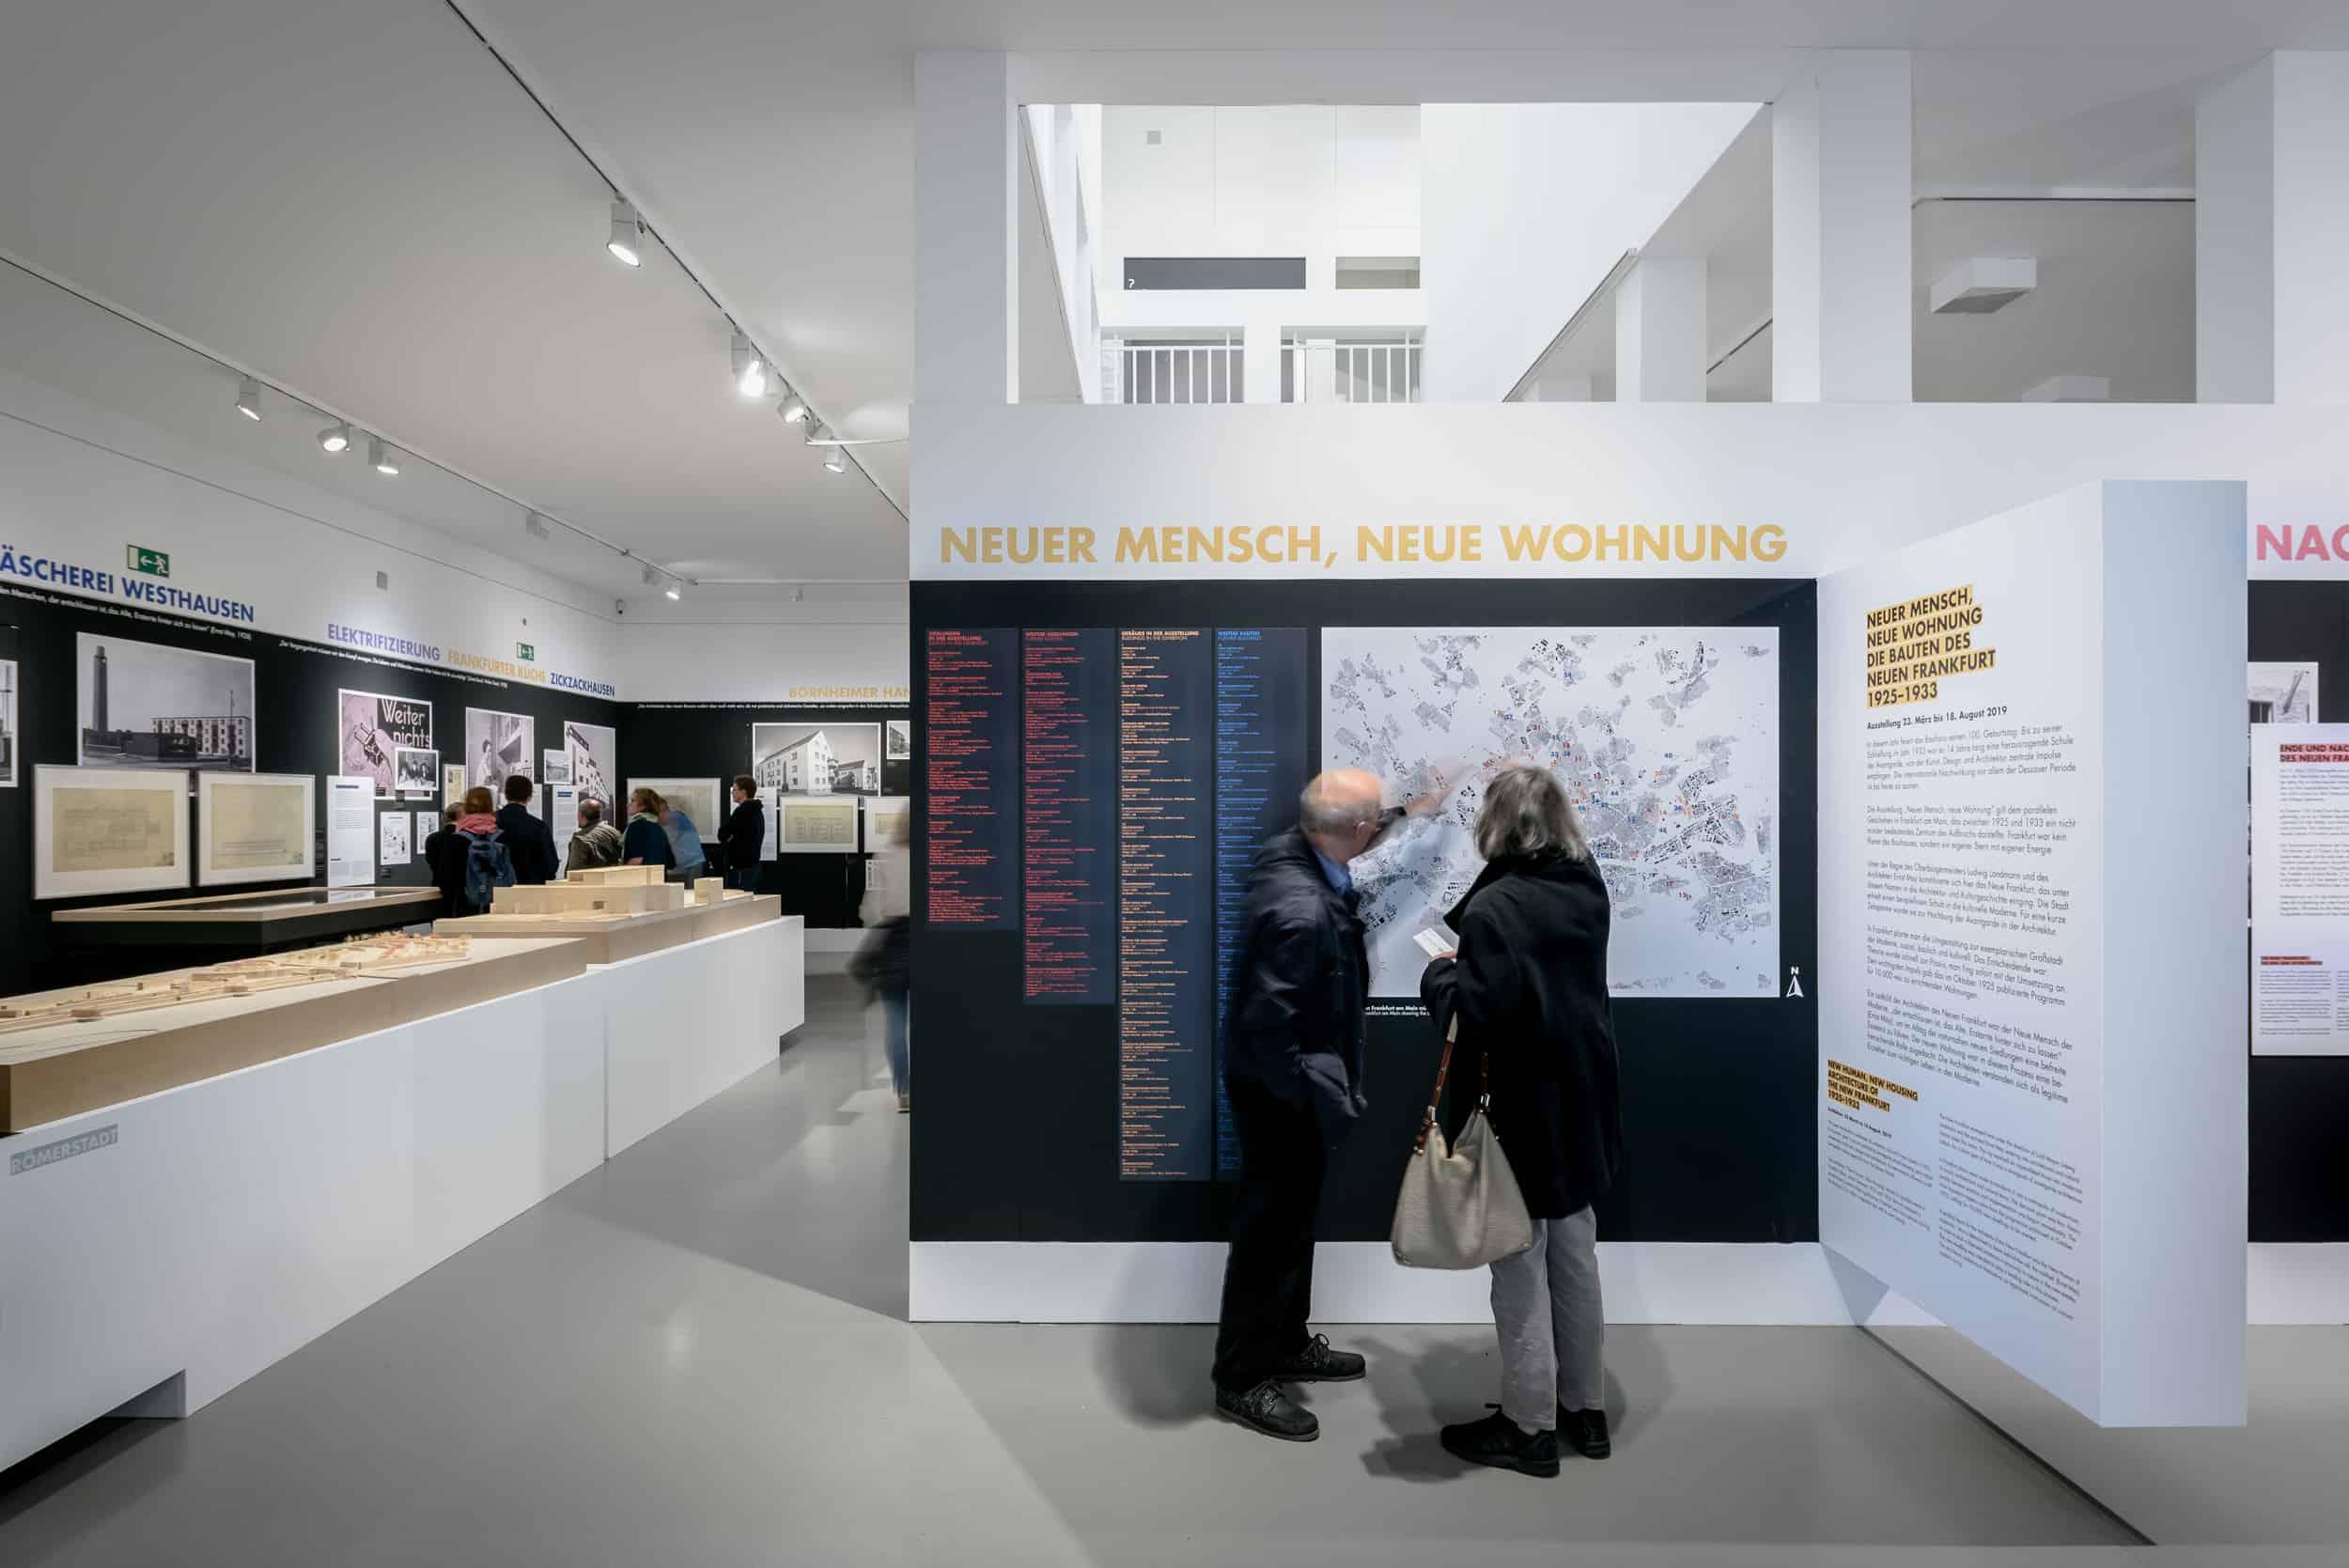 Eindrücke der Ausstellung NEUER MENSCH, NEUE WOHNUNG  Foto: Moritz Bernoully